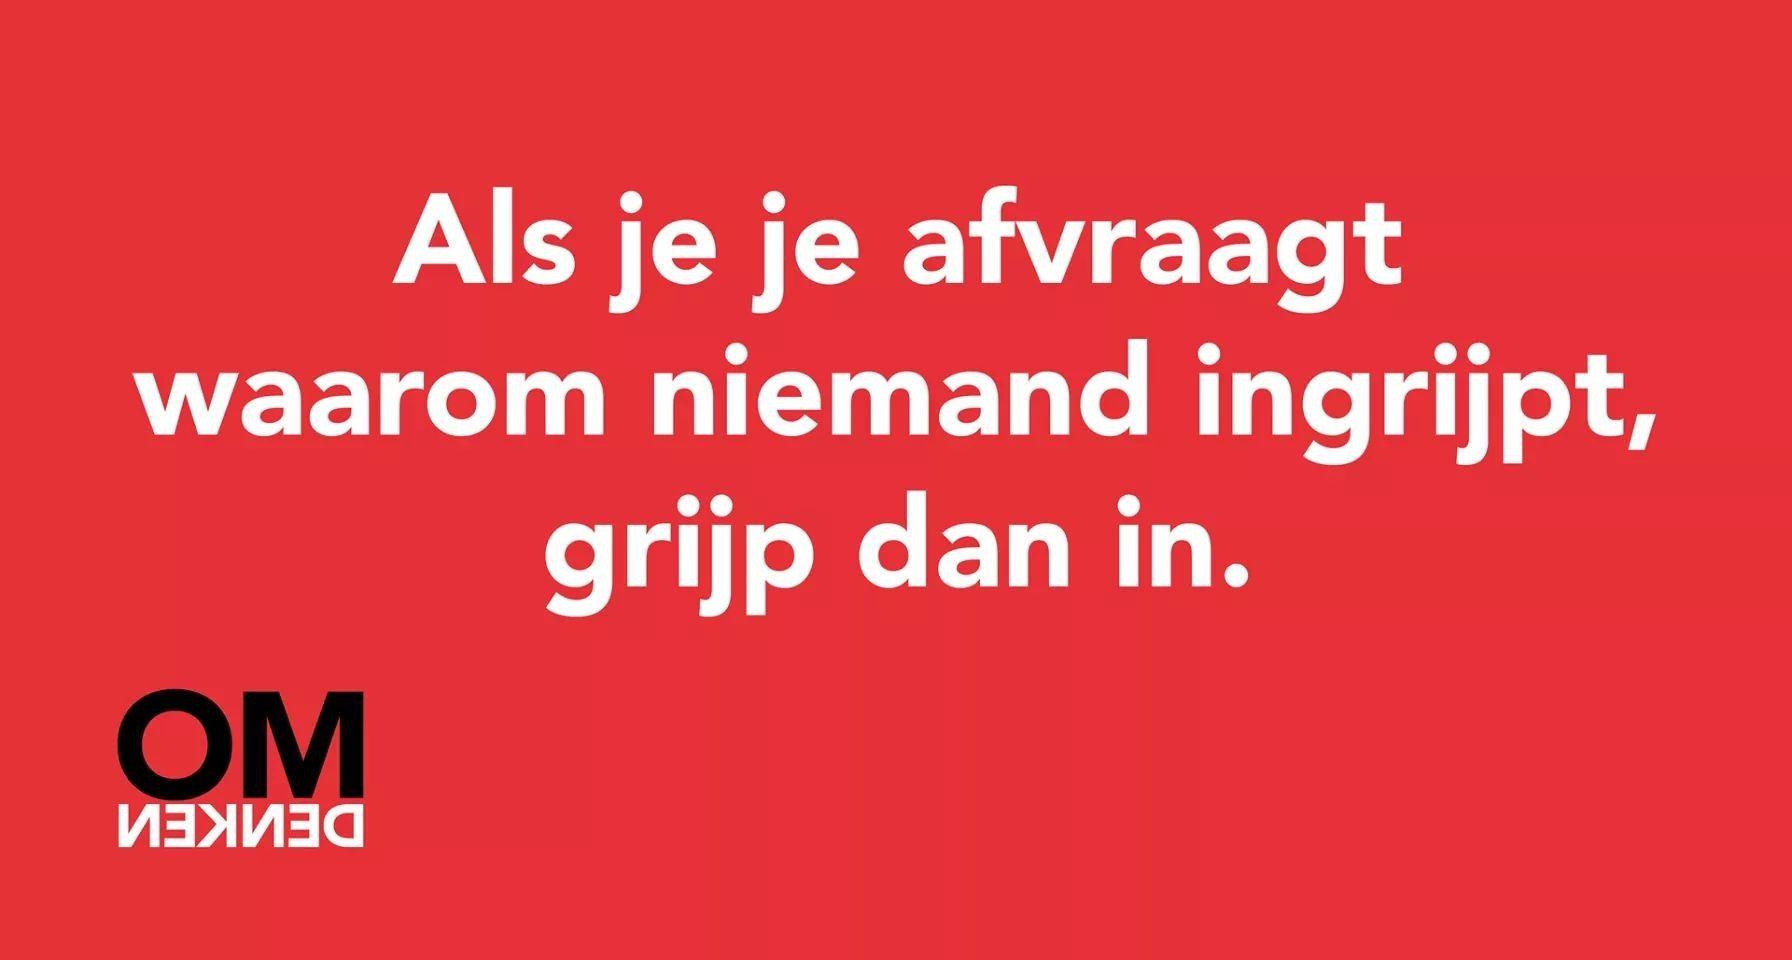 Pin Van Angelique Rietdijk Millarson Op Omdenken In